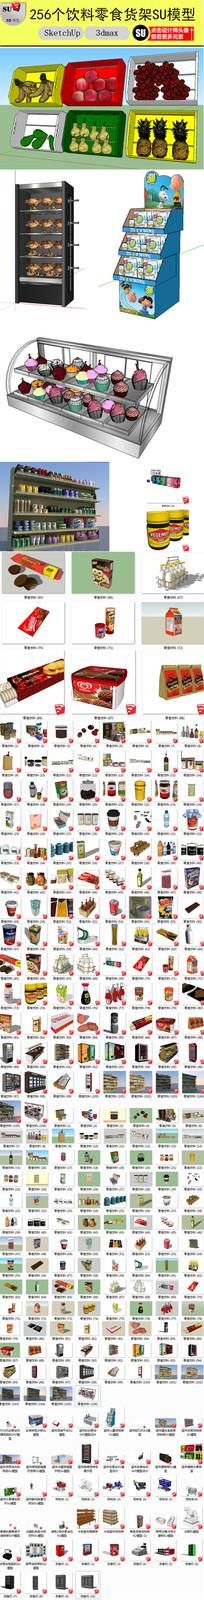 饮料零食货架SU模型